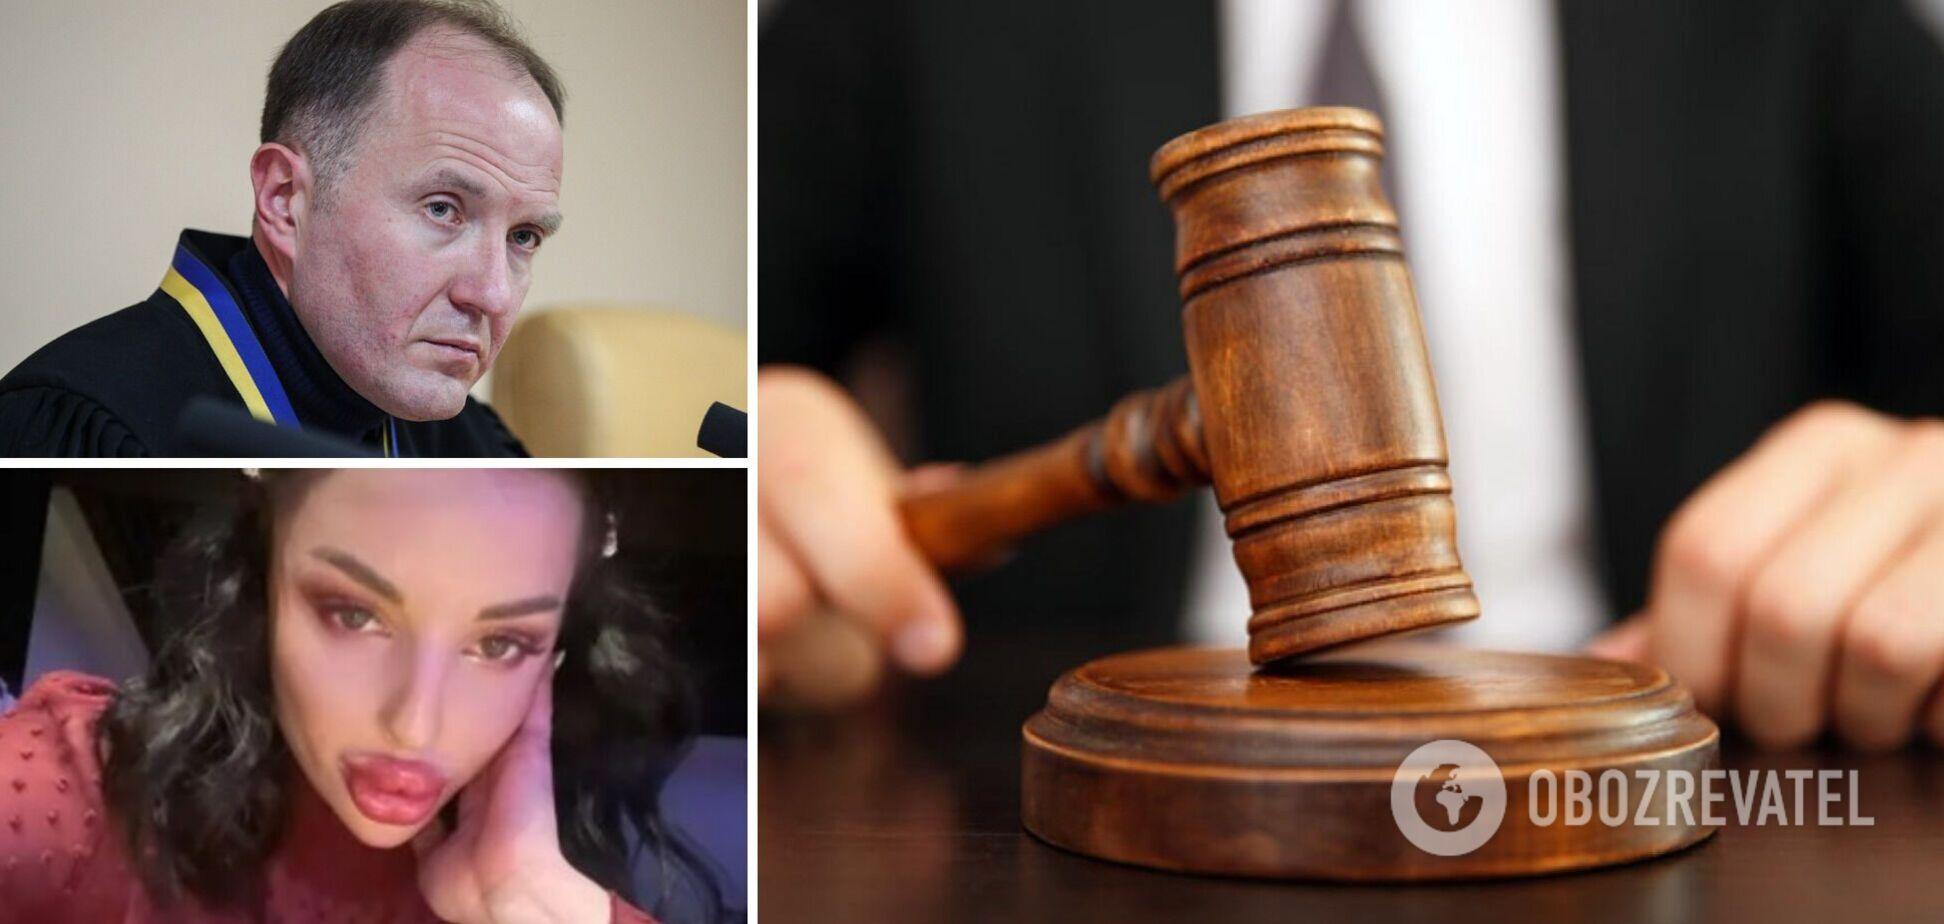 Судья, который не наказал за пьяное вождение оскандалившуюся из-за Басты студентку, подал в отставку